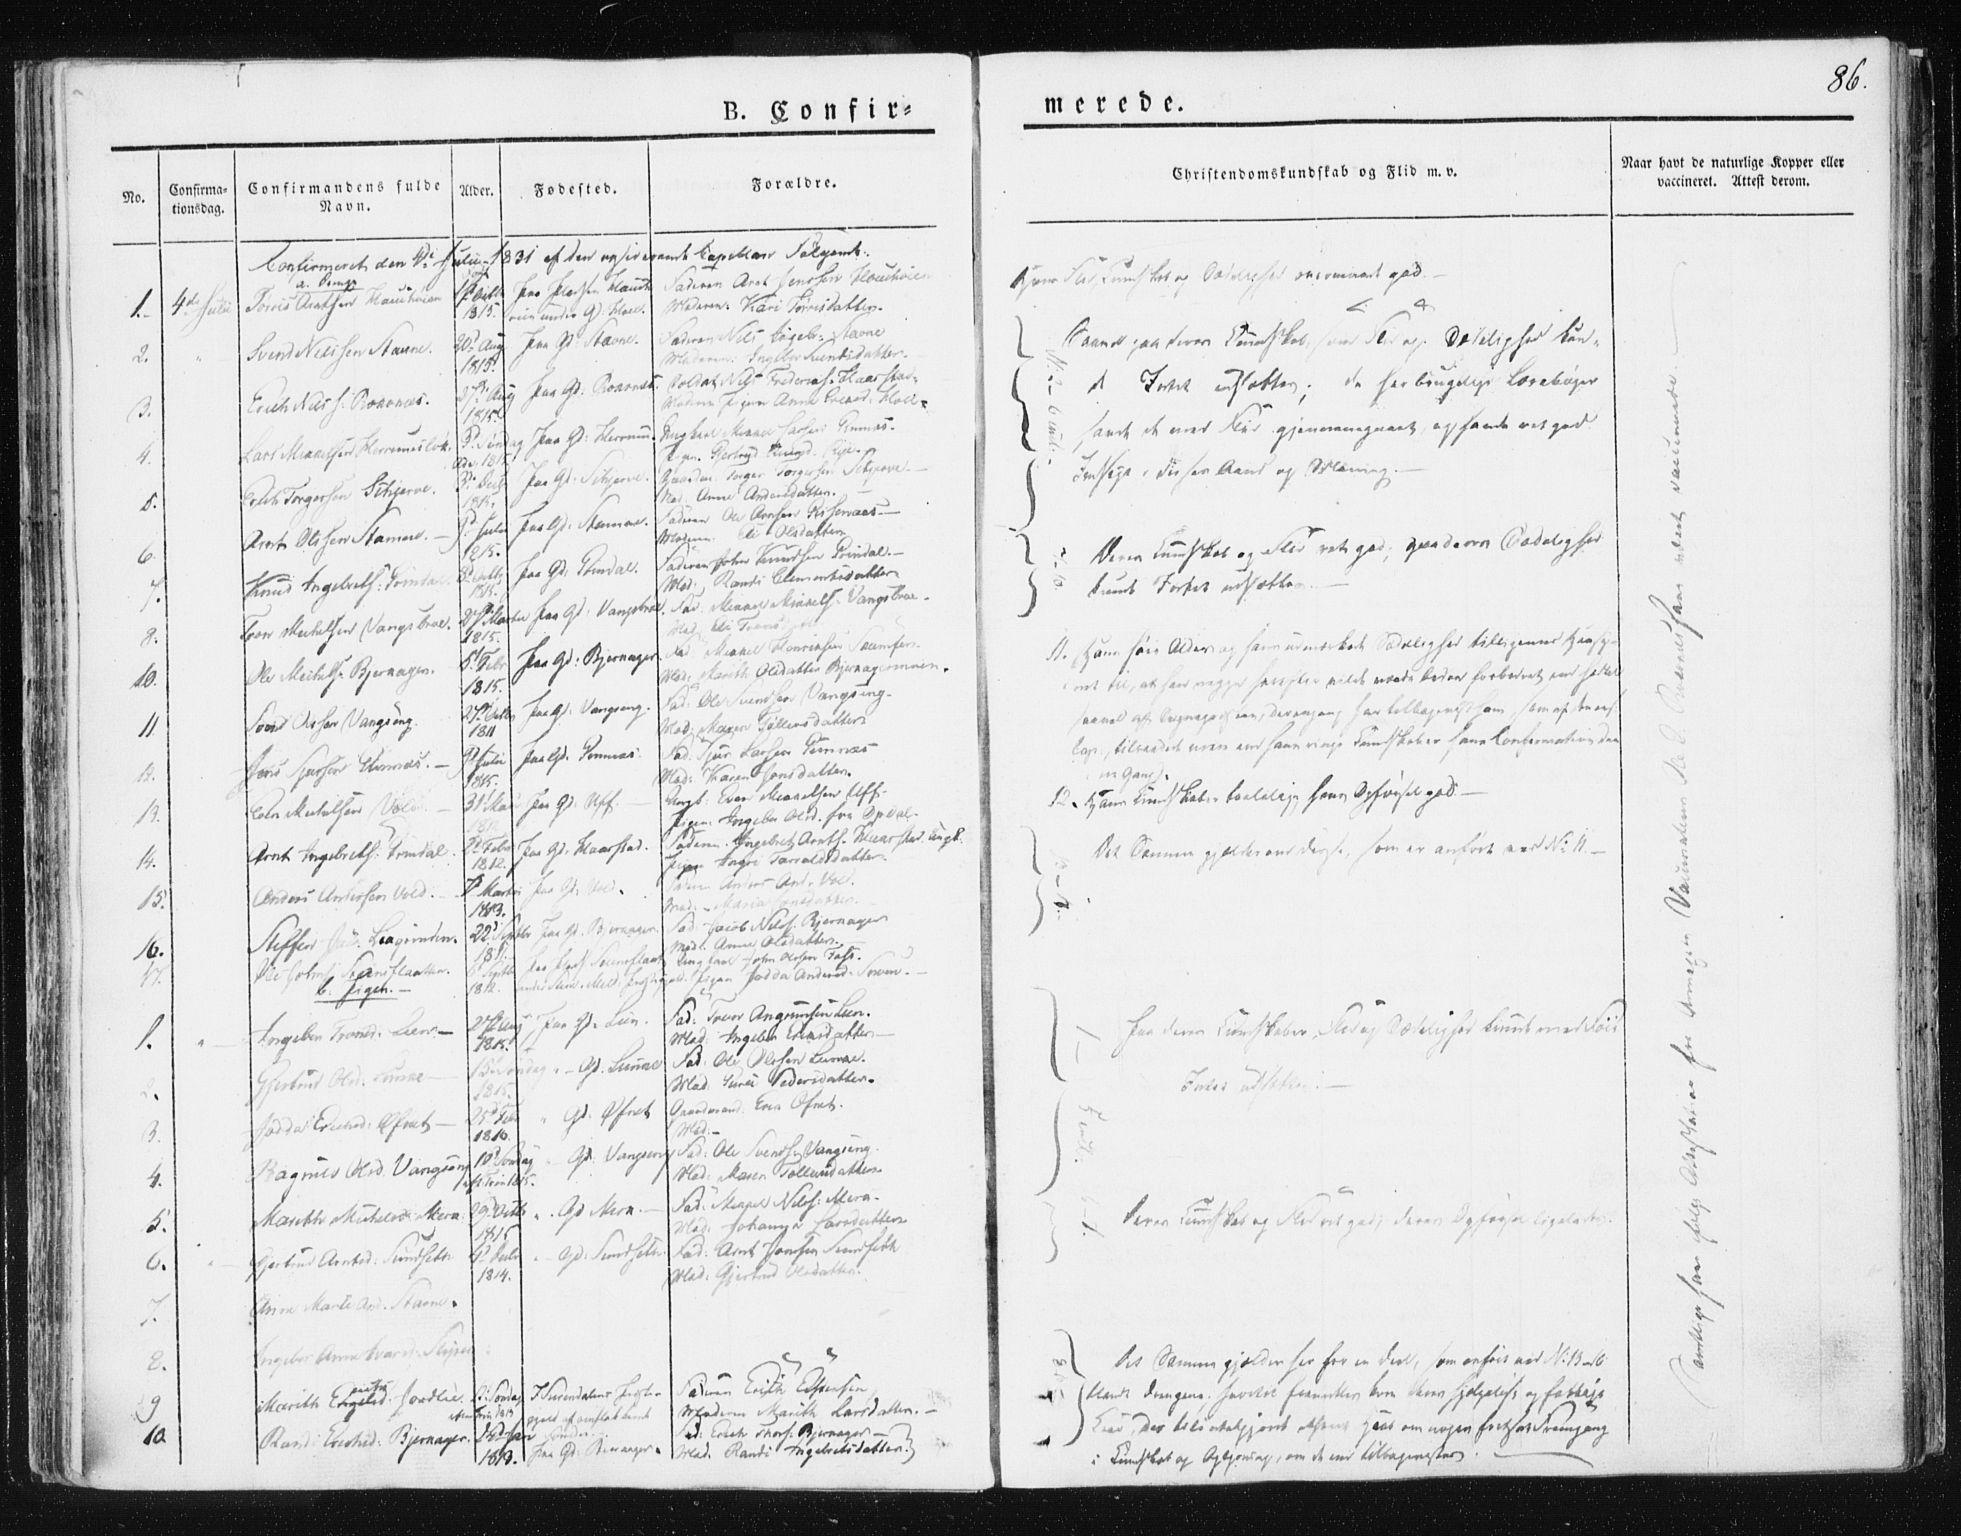 SAT, Ministerialprotokoller, klokkerbøker og fødselsregistre - Sør-Trøndelag, 674/L0869: Ministerialbok nr. 674A01, 1829-1860, s. 86